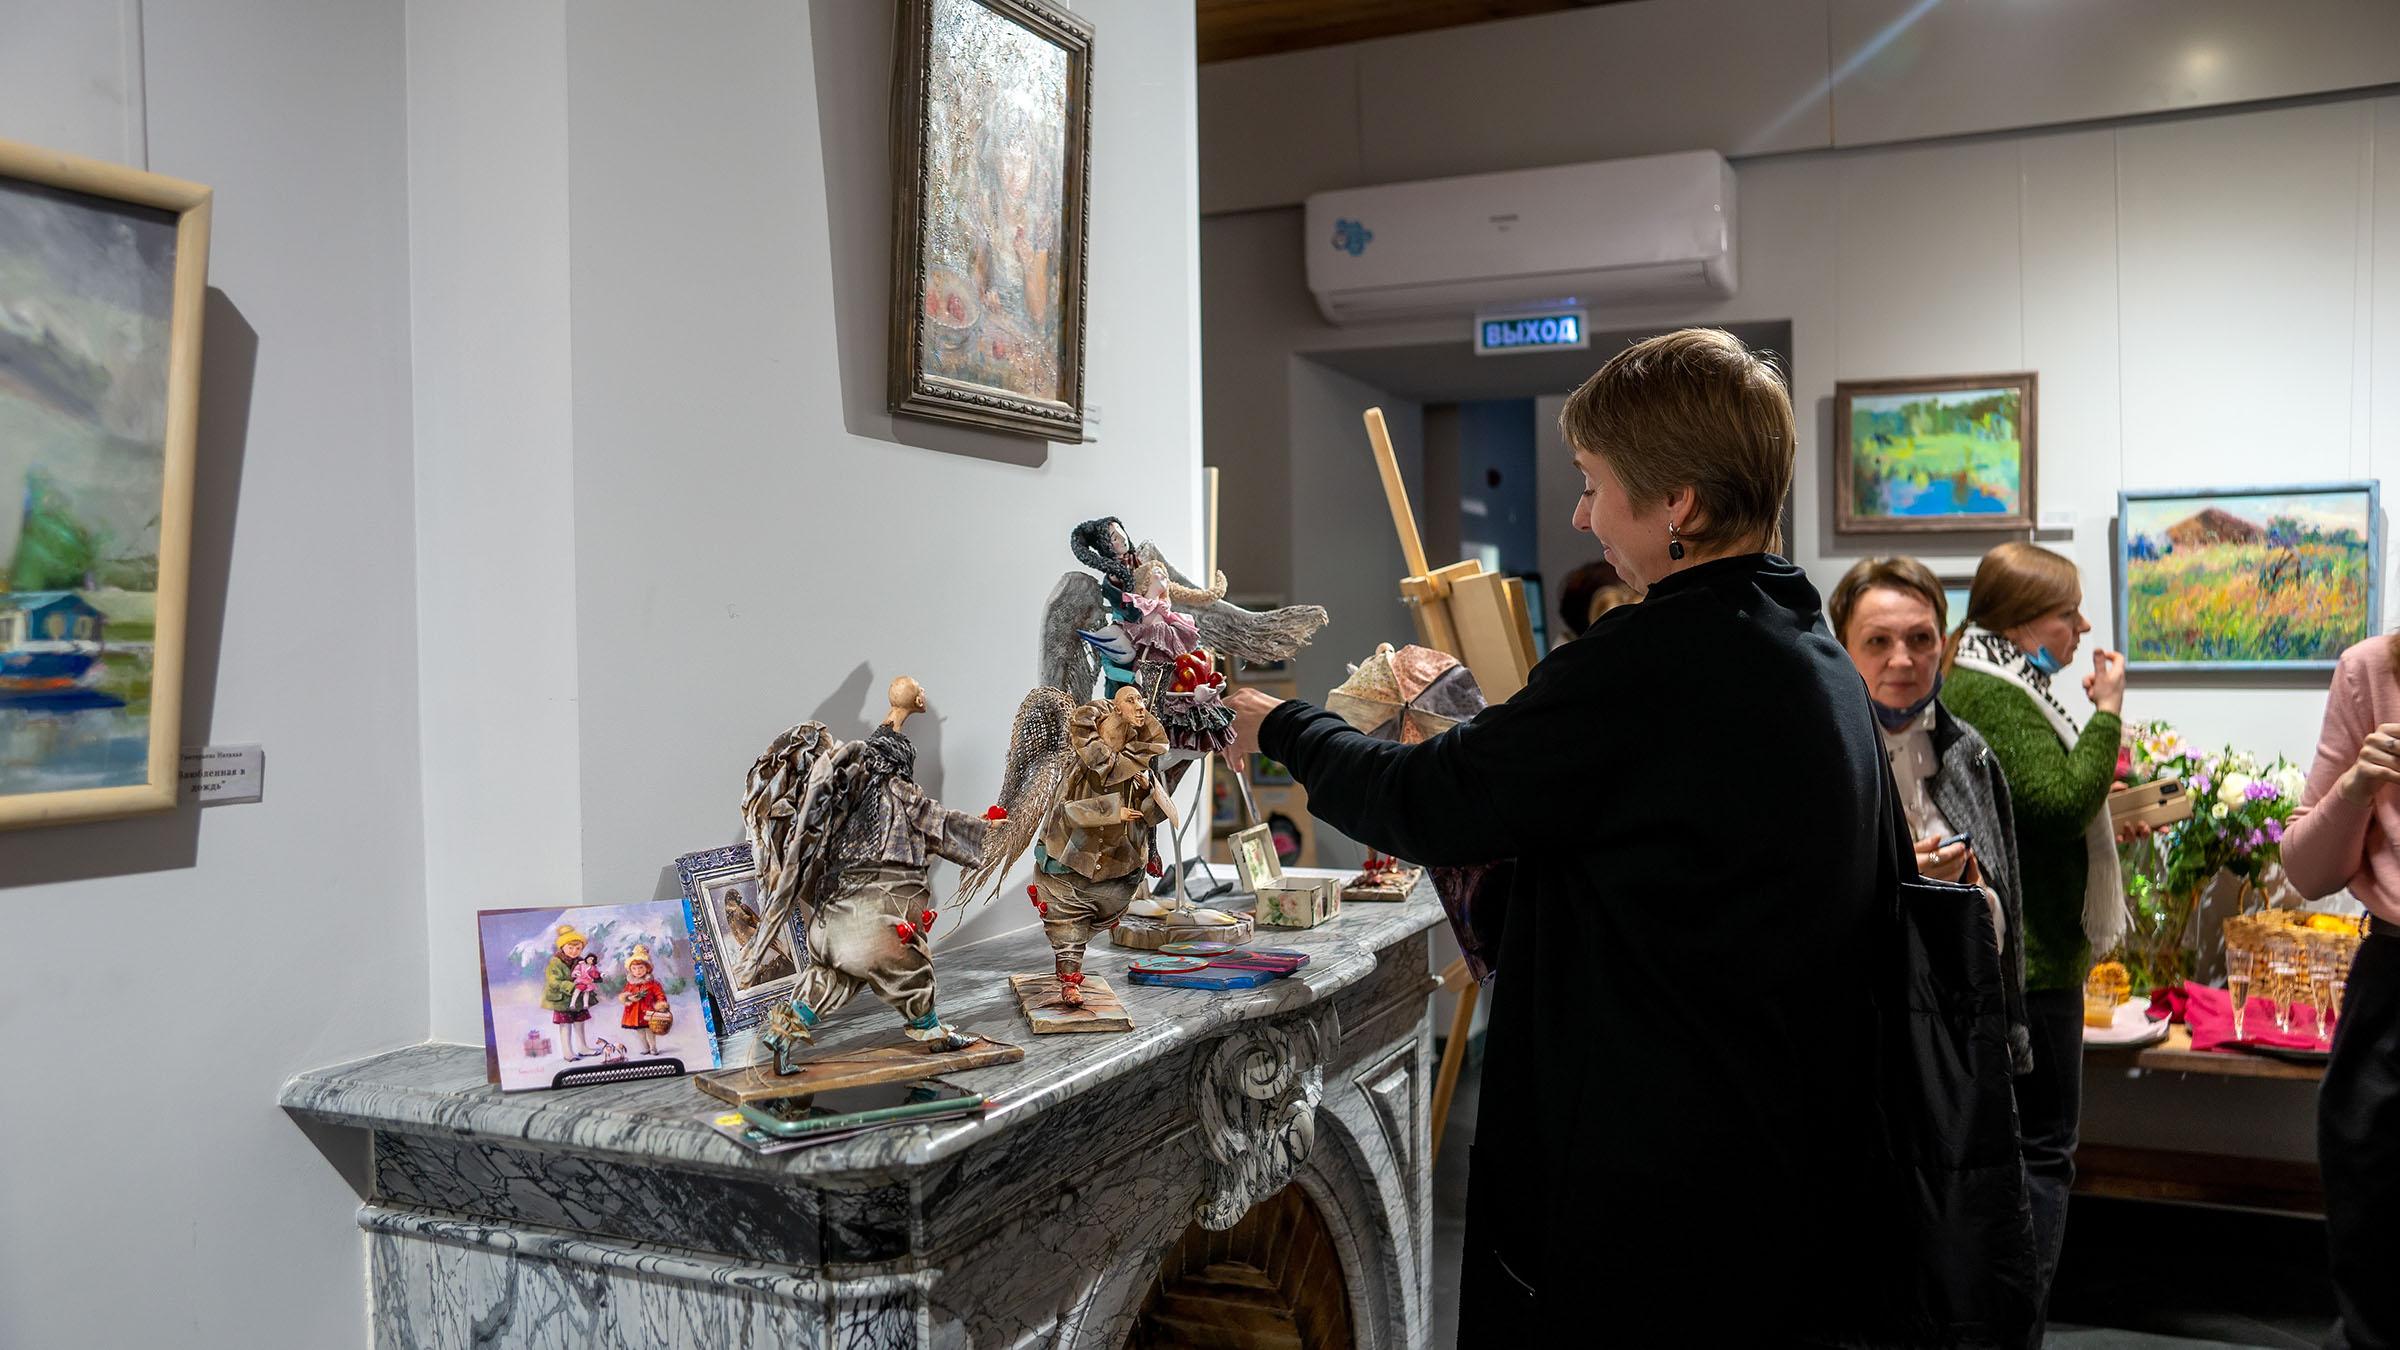 На выставке «Сентиментальное настроение», АняМаня, Наталья Григорьева::Сентиментальное настроение (Дуэт АняМаня, Н. Григорьева)